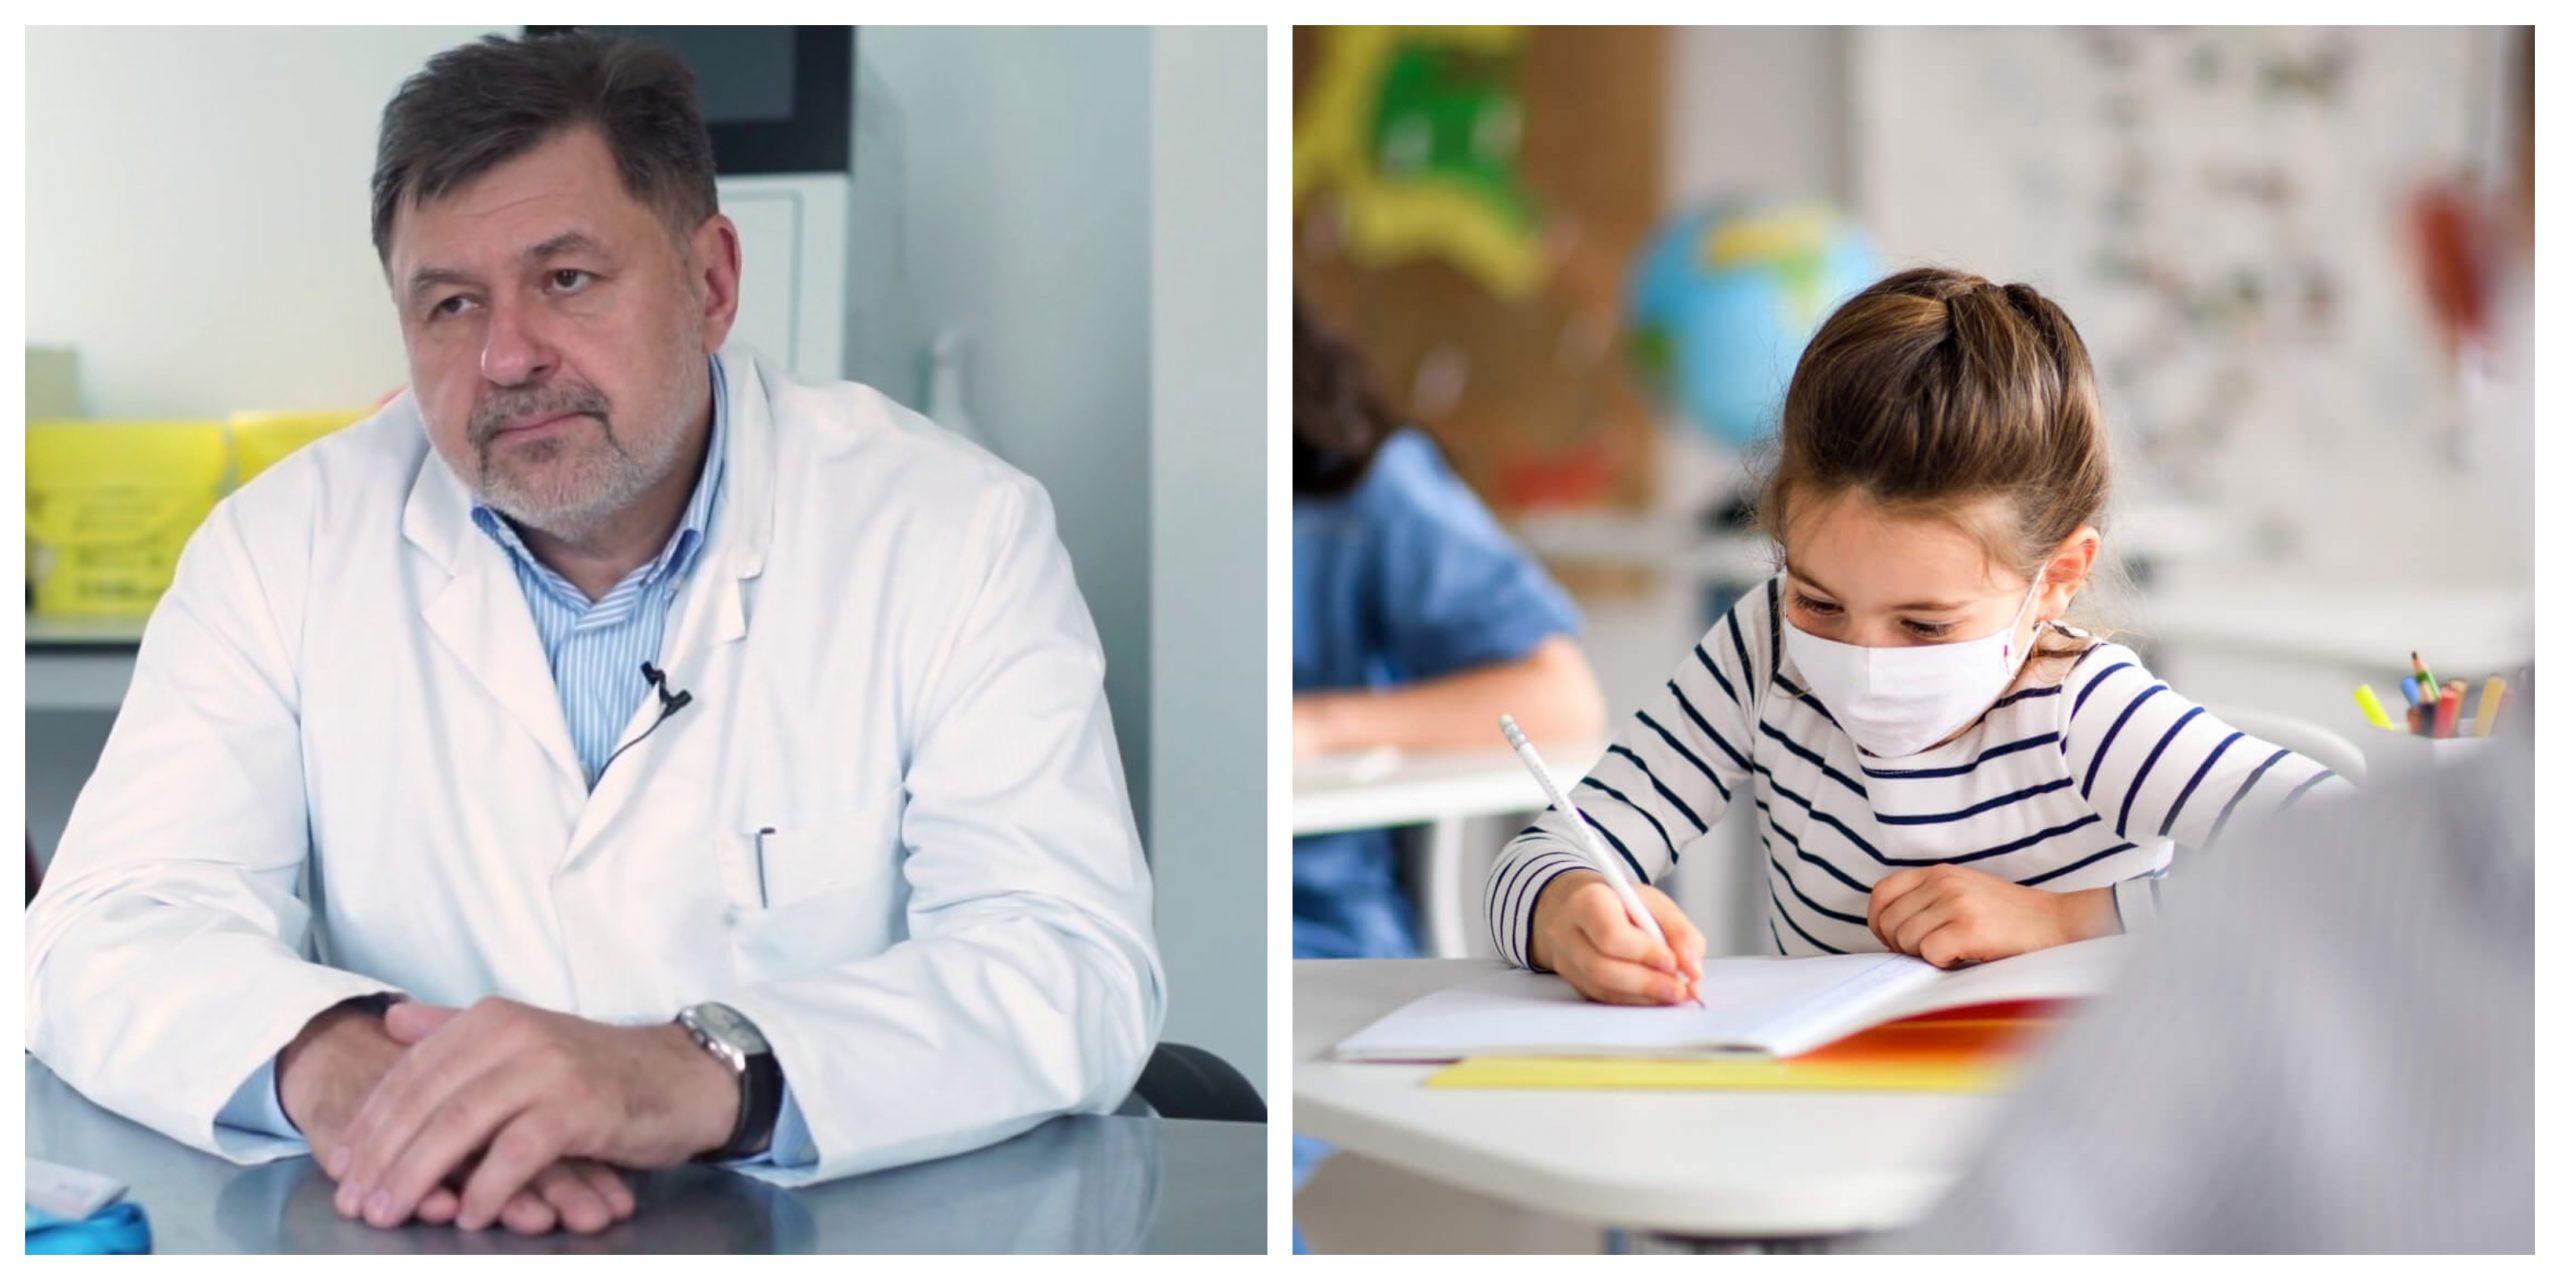 Alexandru Rafila susține școala în regim fizic, chiar și la o incidență de 3 la 1000 de locuitori